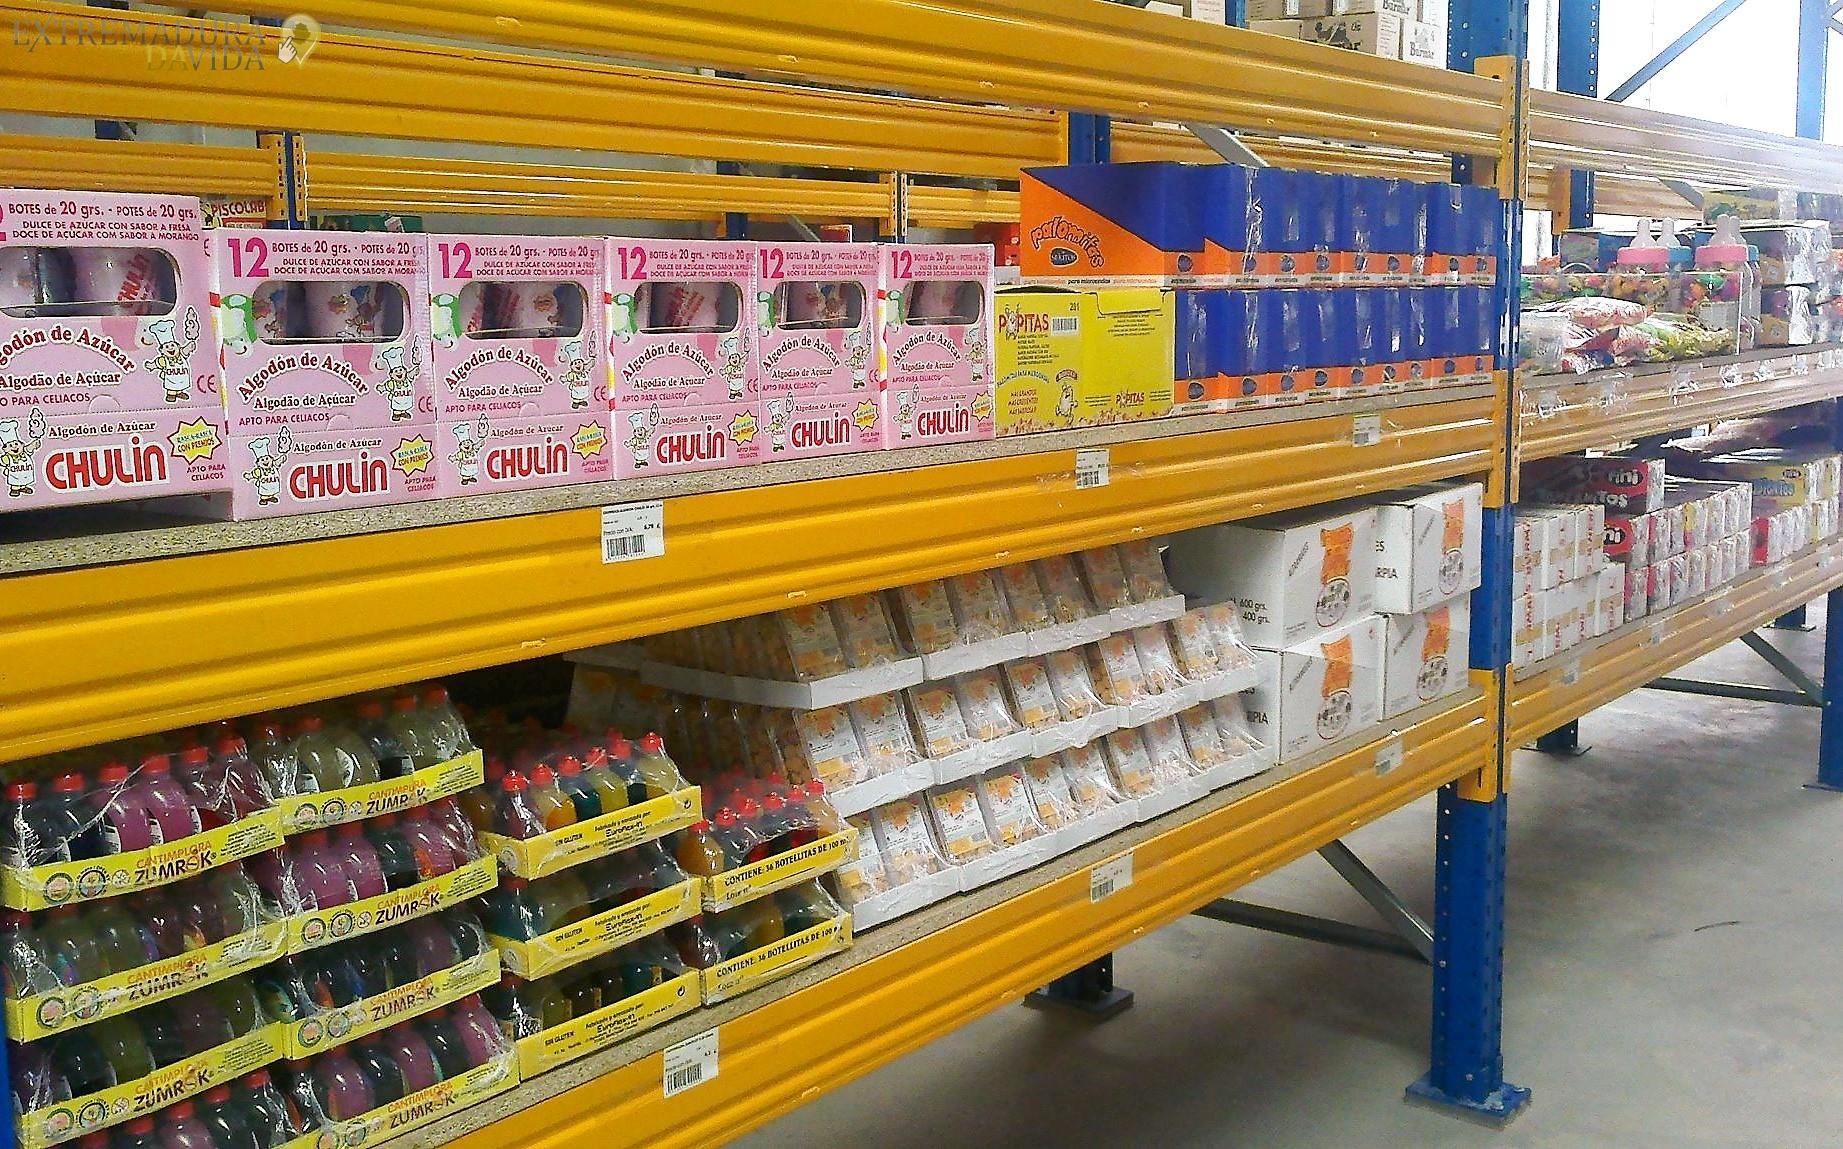 distribuciones de snack guerrero mundial s.l